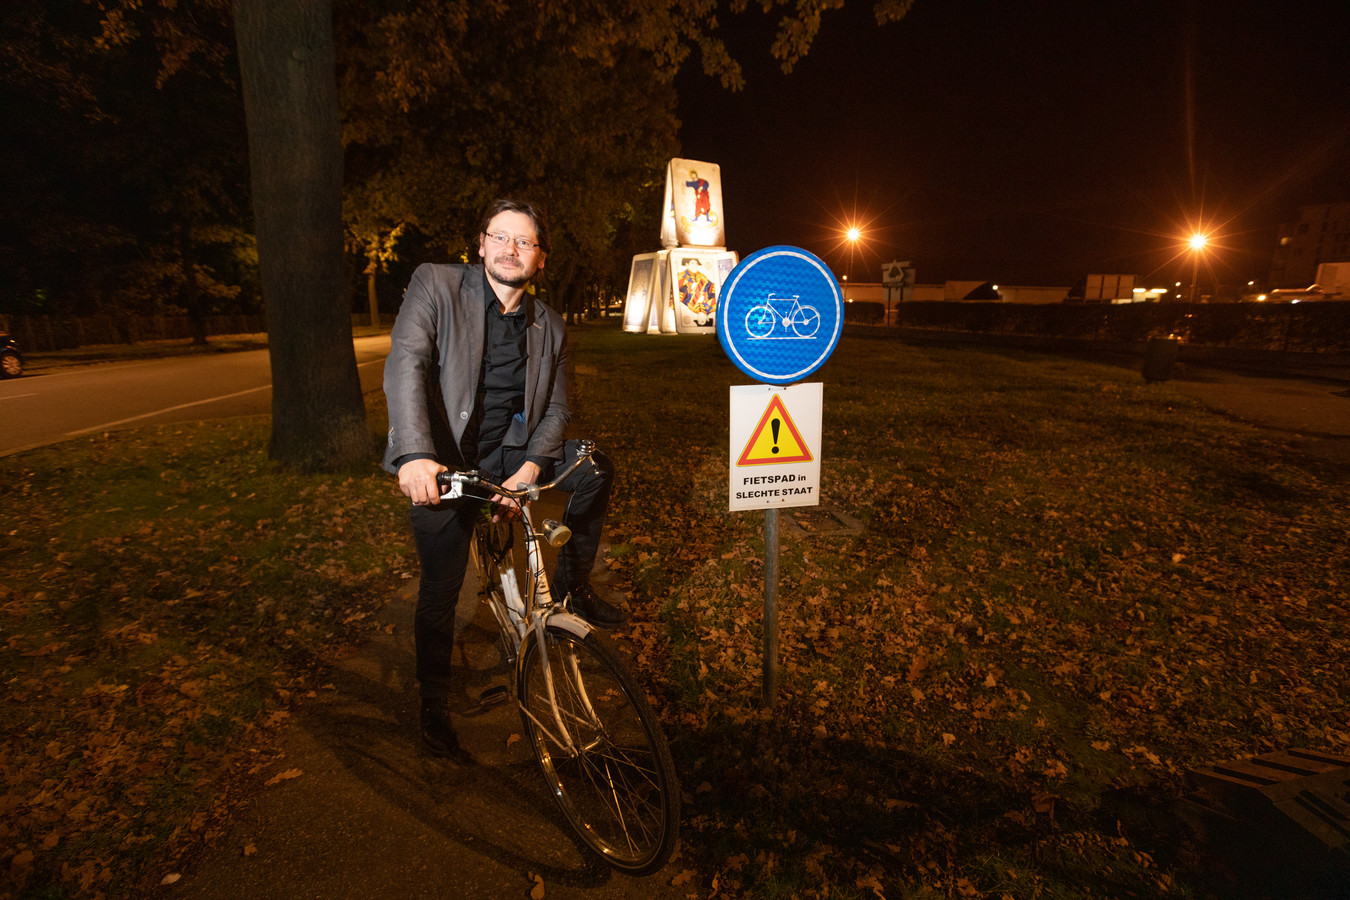 Raadslid Gert Stas aan het fietspad op de Speelhoflaan, bij het bordje 'Fietspad in slechte staat'.